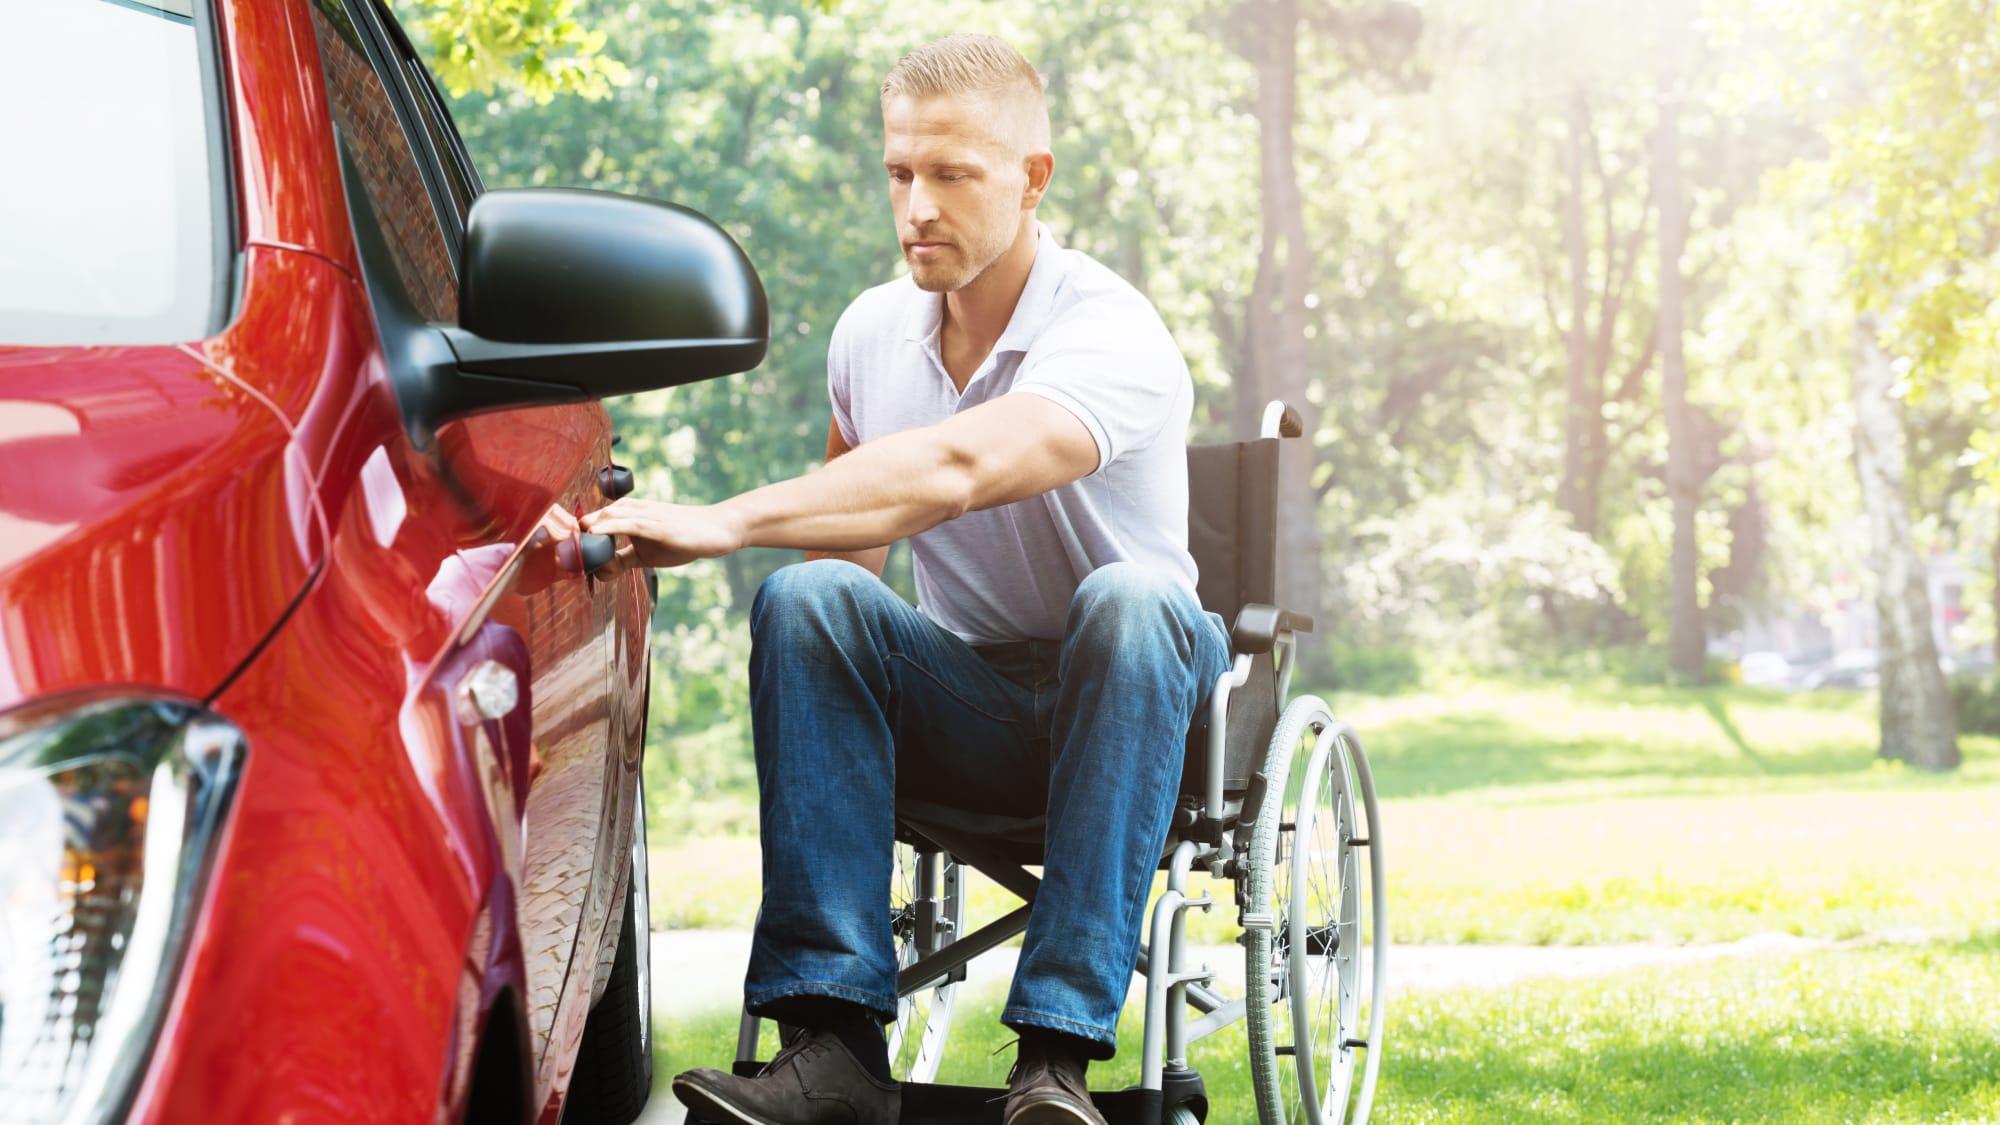 Männlicher Rollstuhlfahrer öffnet Autotüre